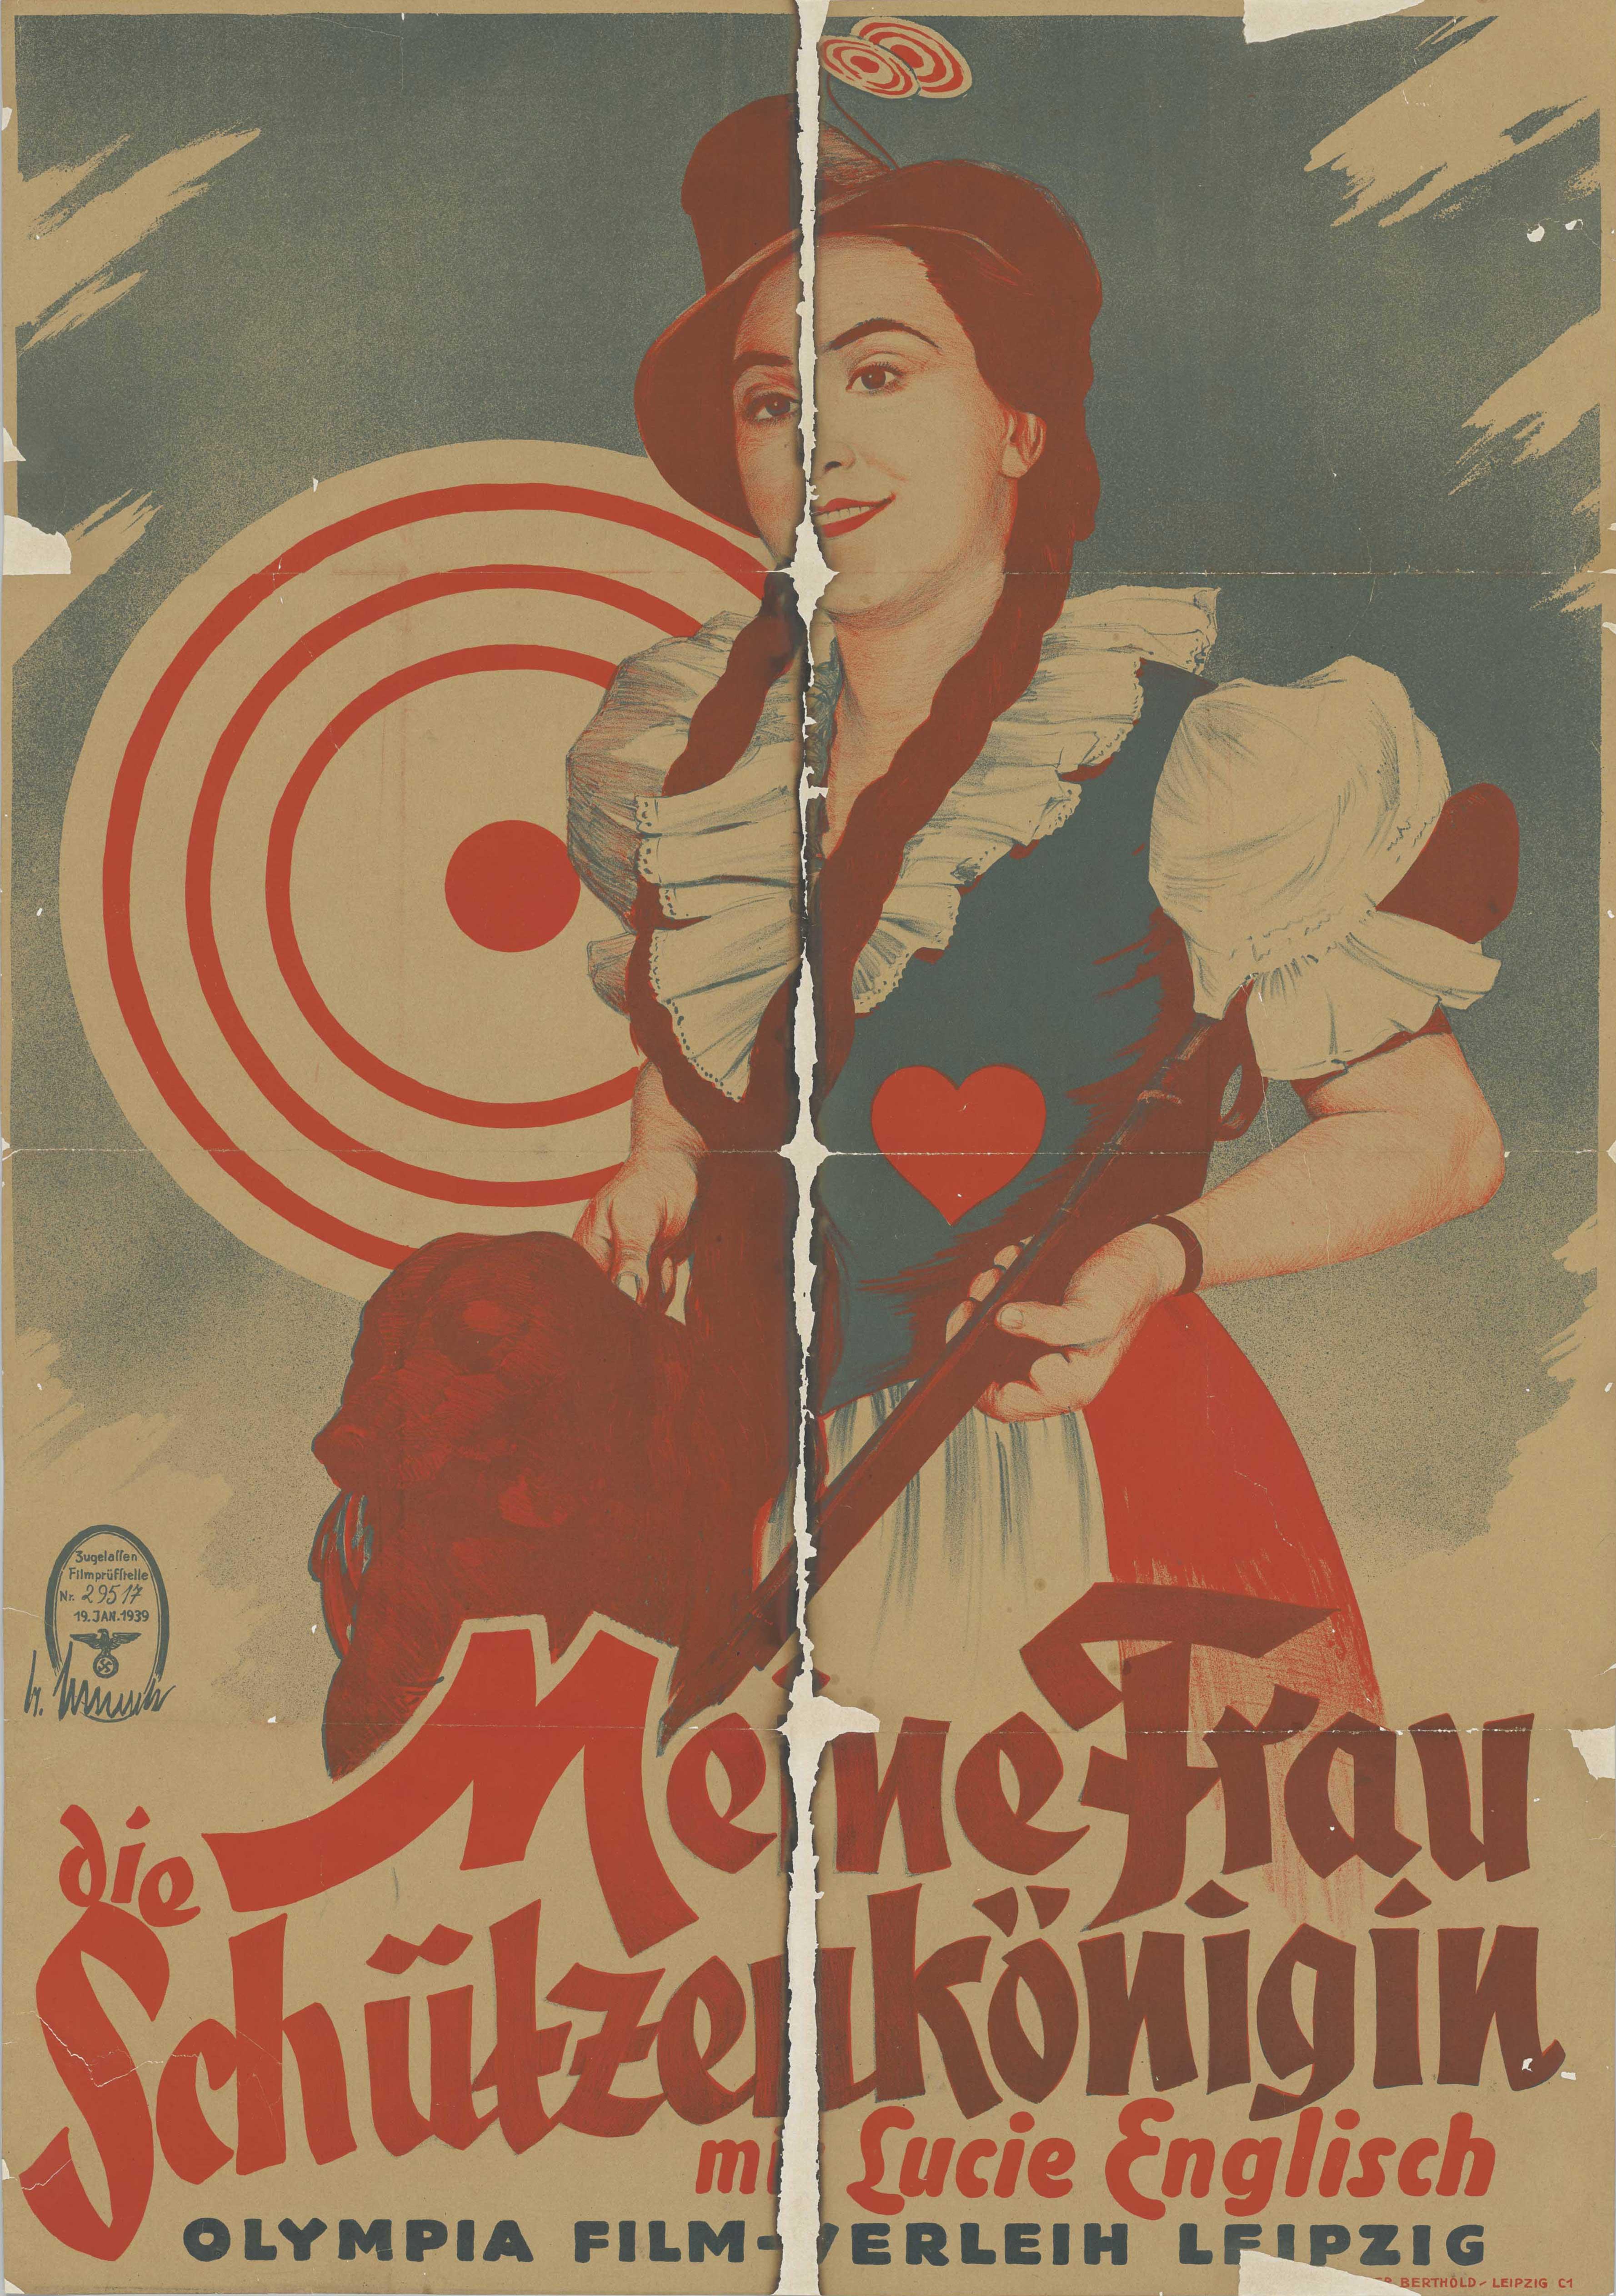 Filmplakat zu dem Film Meine Frau, die Schützenkönigin, Deutschland 1934